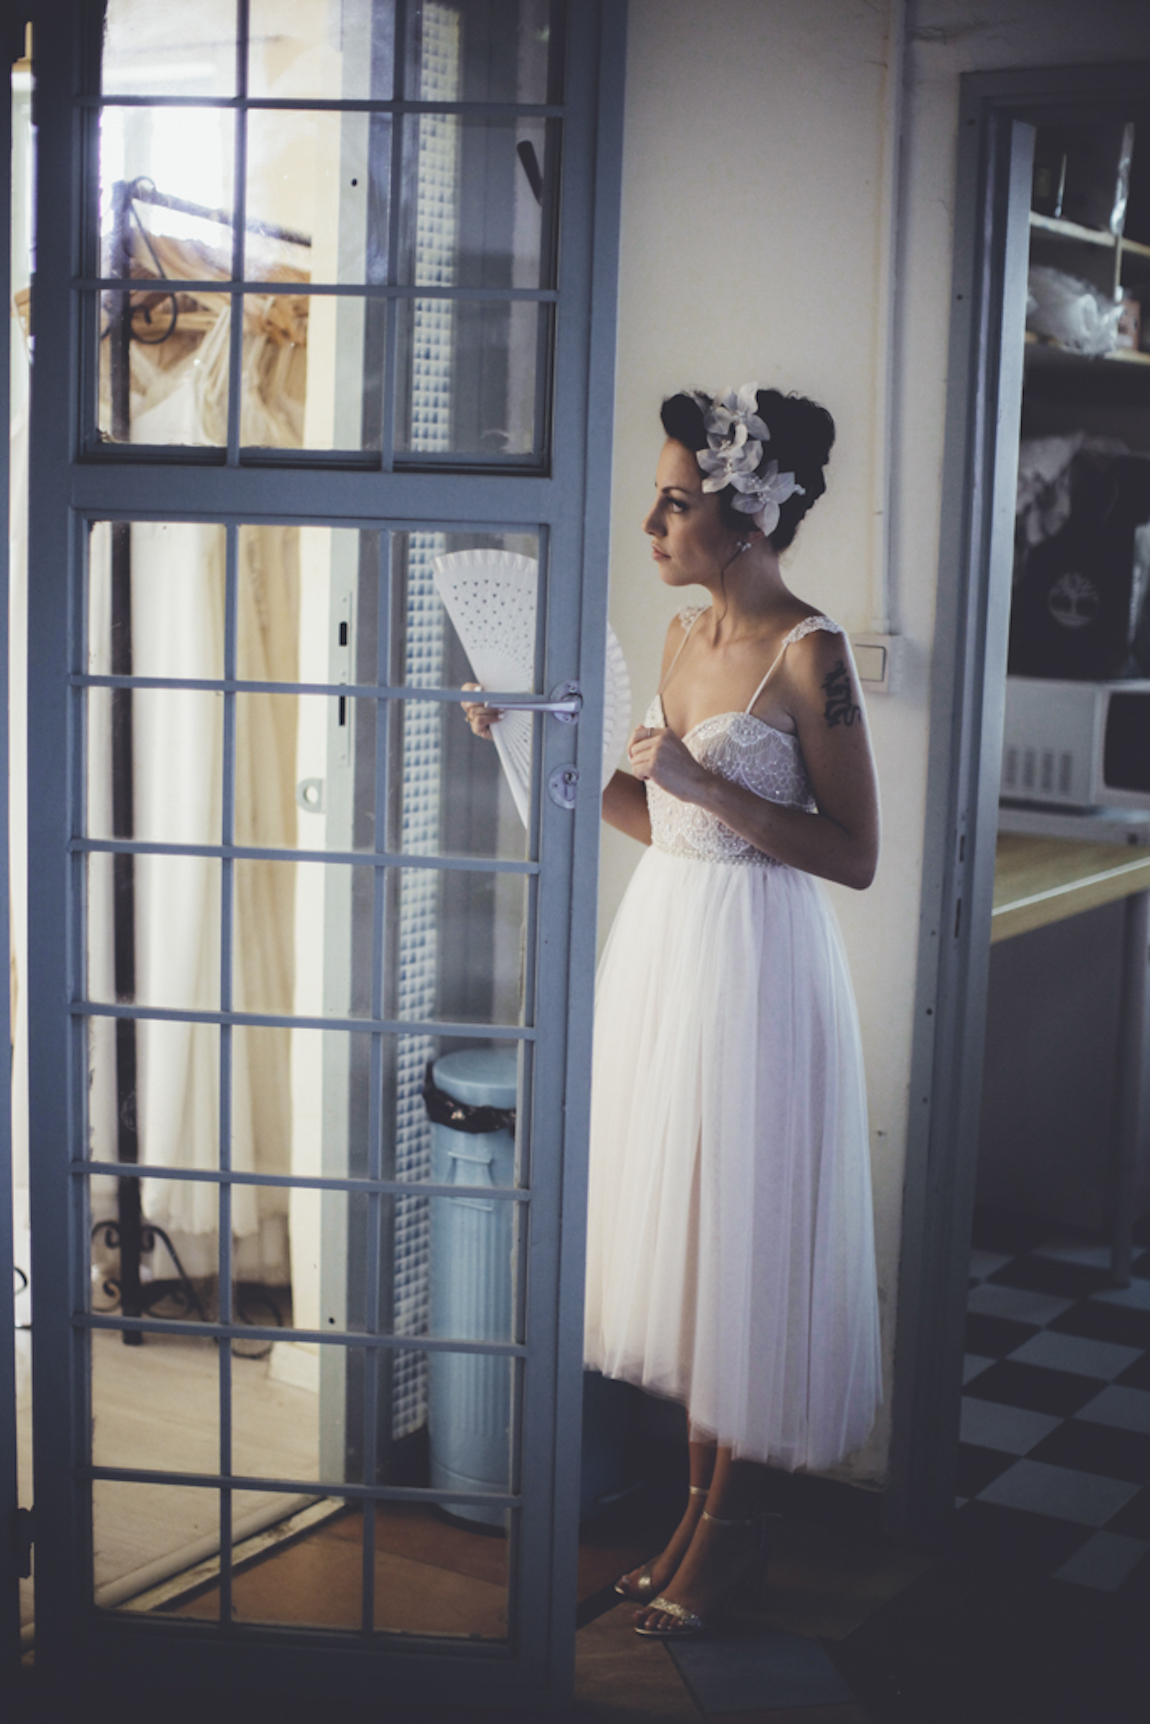 חתונה - בלוג מיי דיי